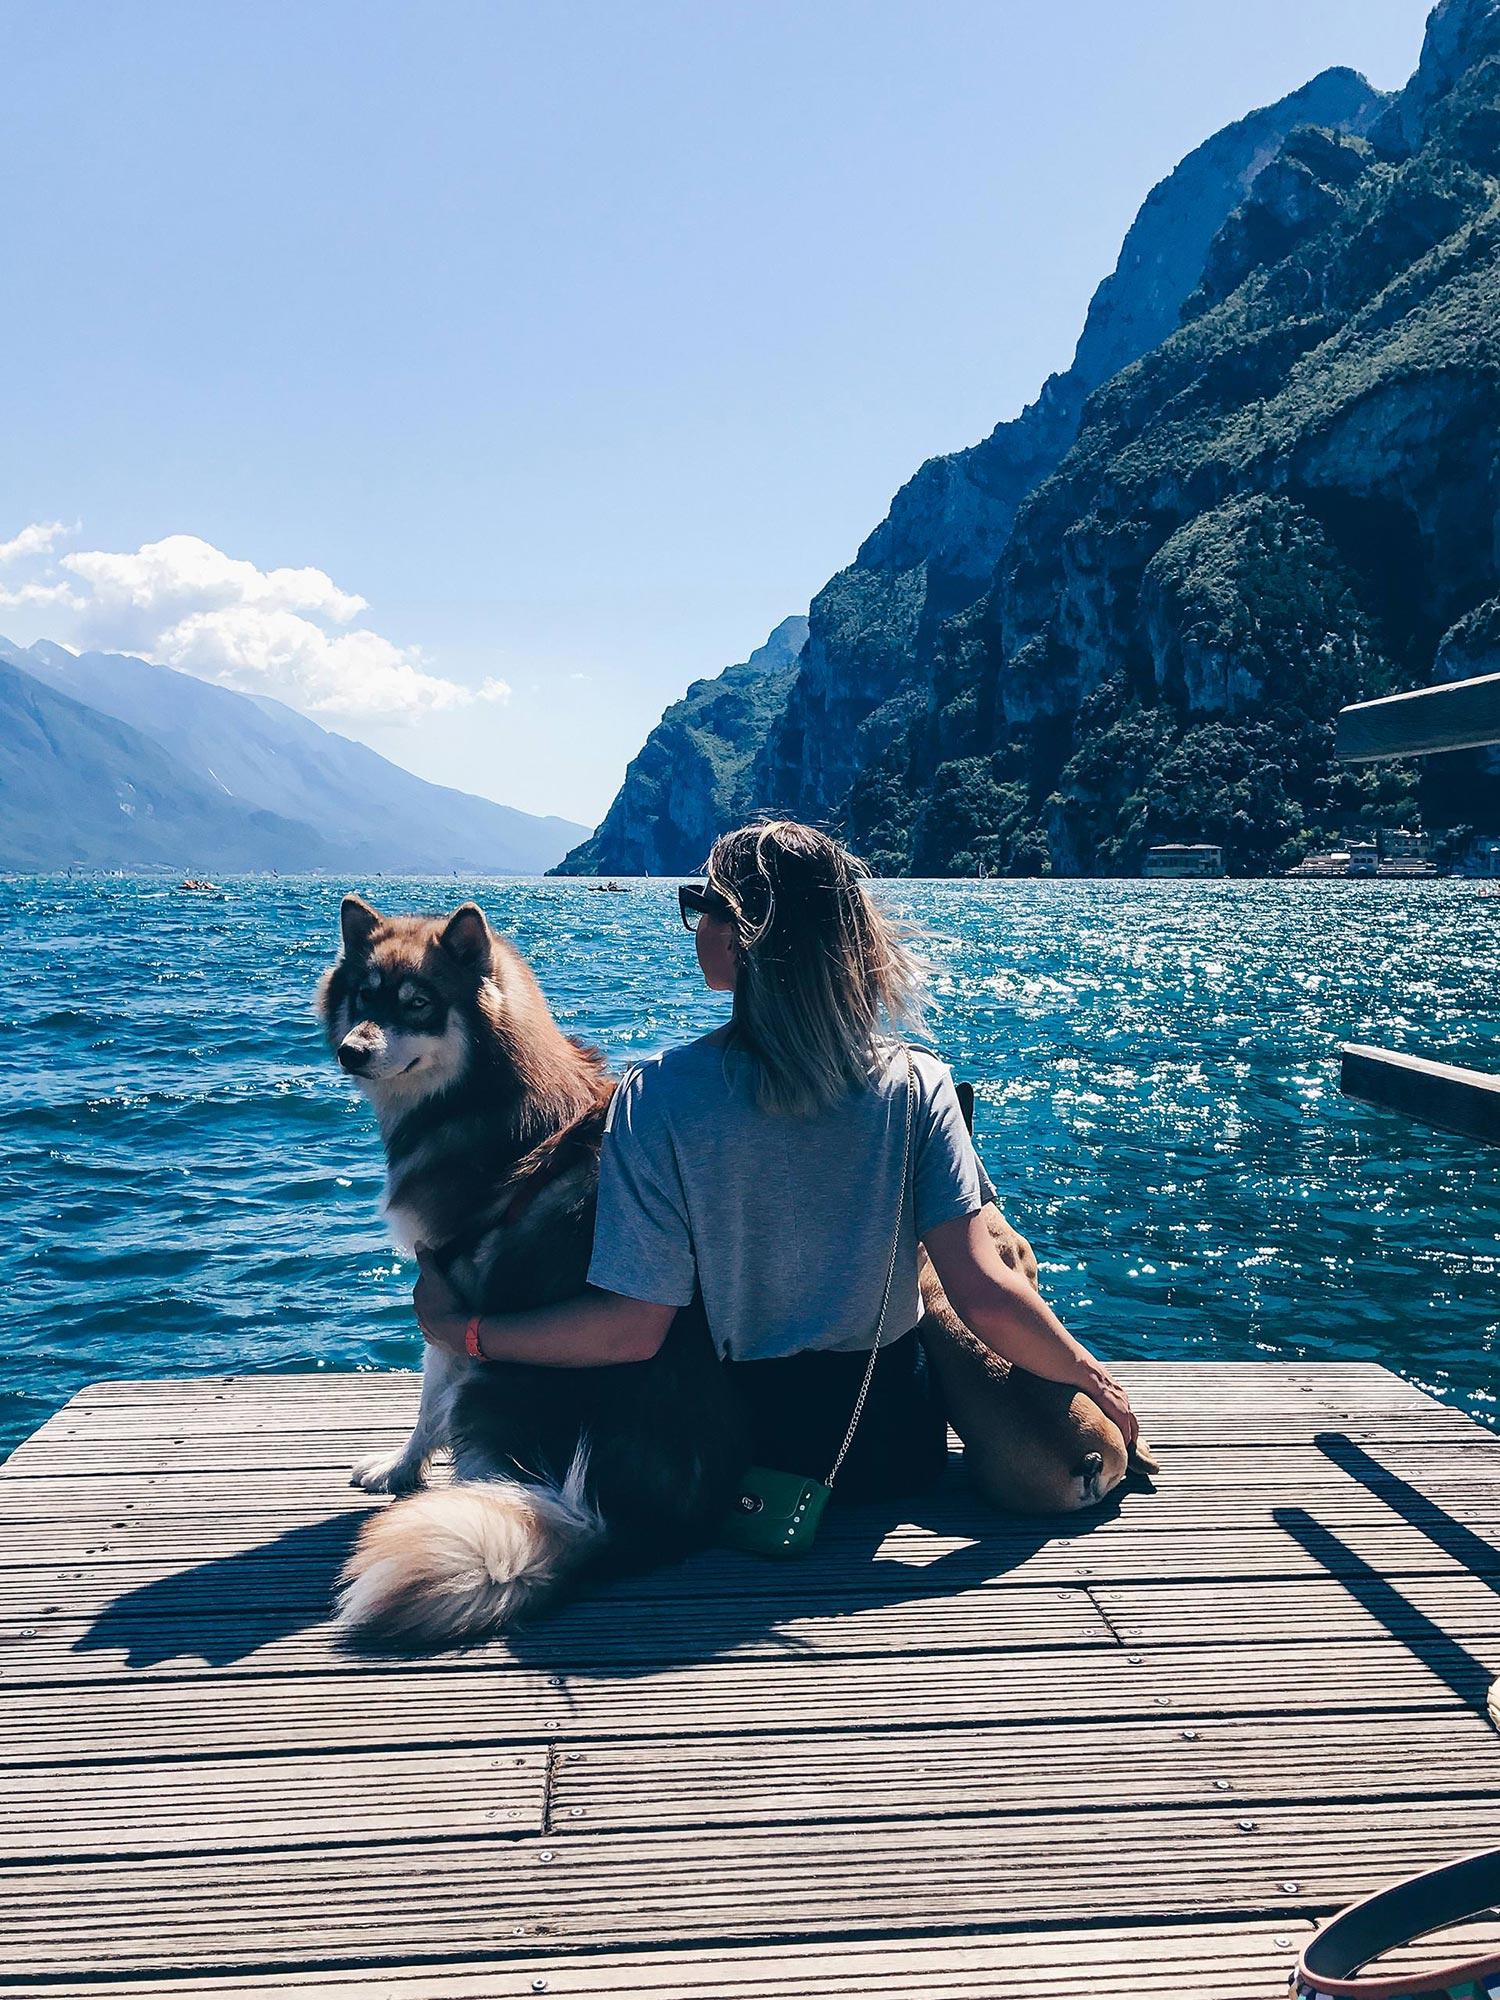 Urlaub mit Hund am Gardasee, Reise Tipps, Reiseblog Tipps, Hotels mit Hund, Restaurants, Torri del Benaco, Malcesine, Style Blog, Magazin, www.whoismocca.com